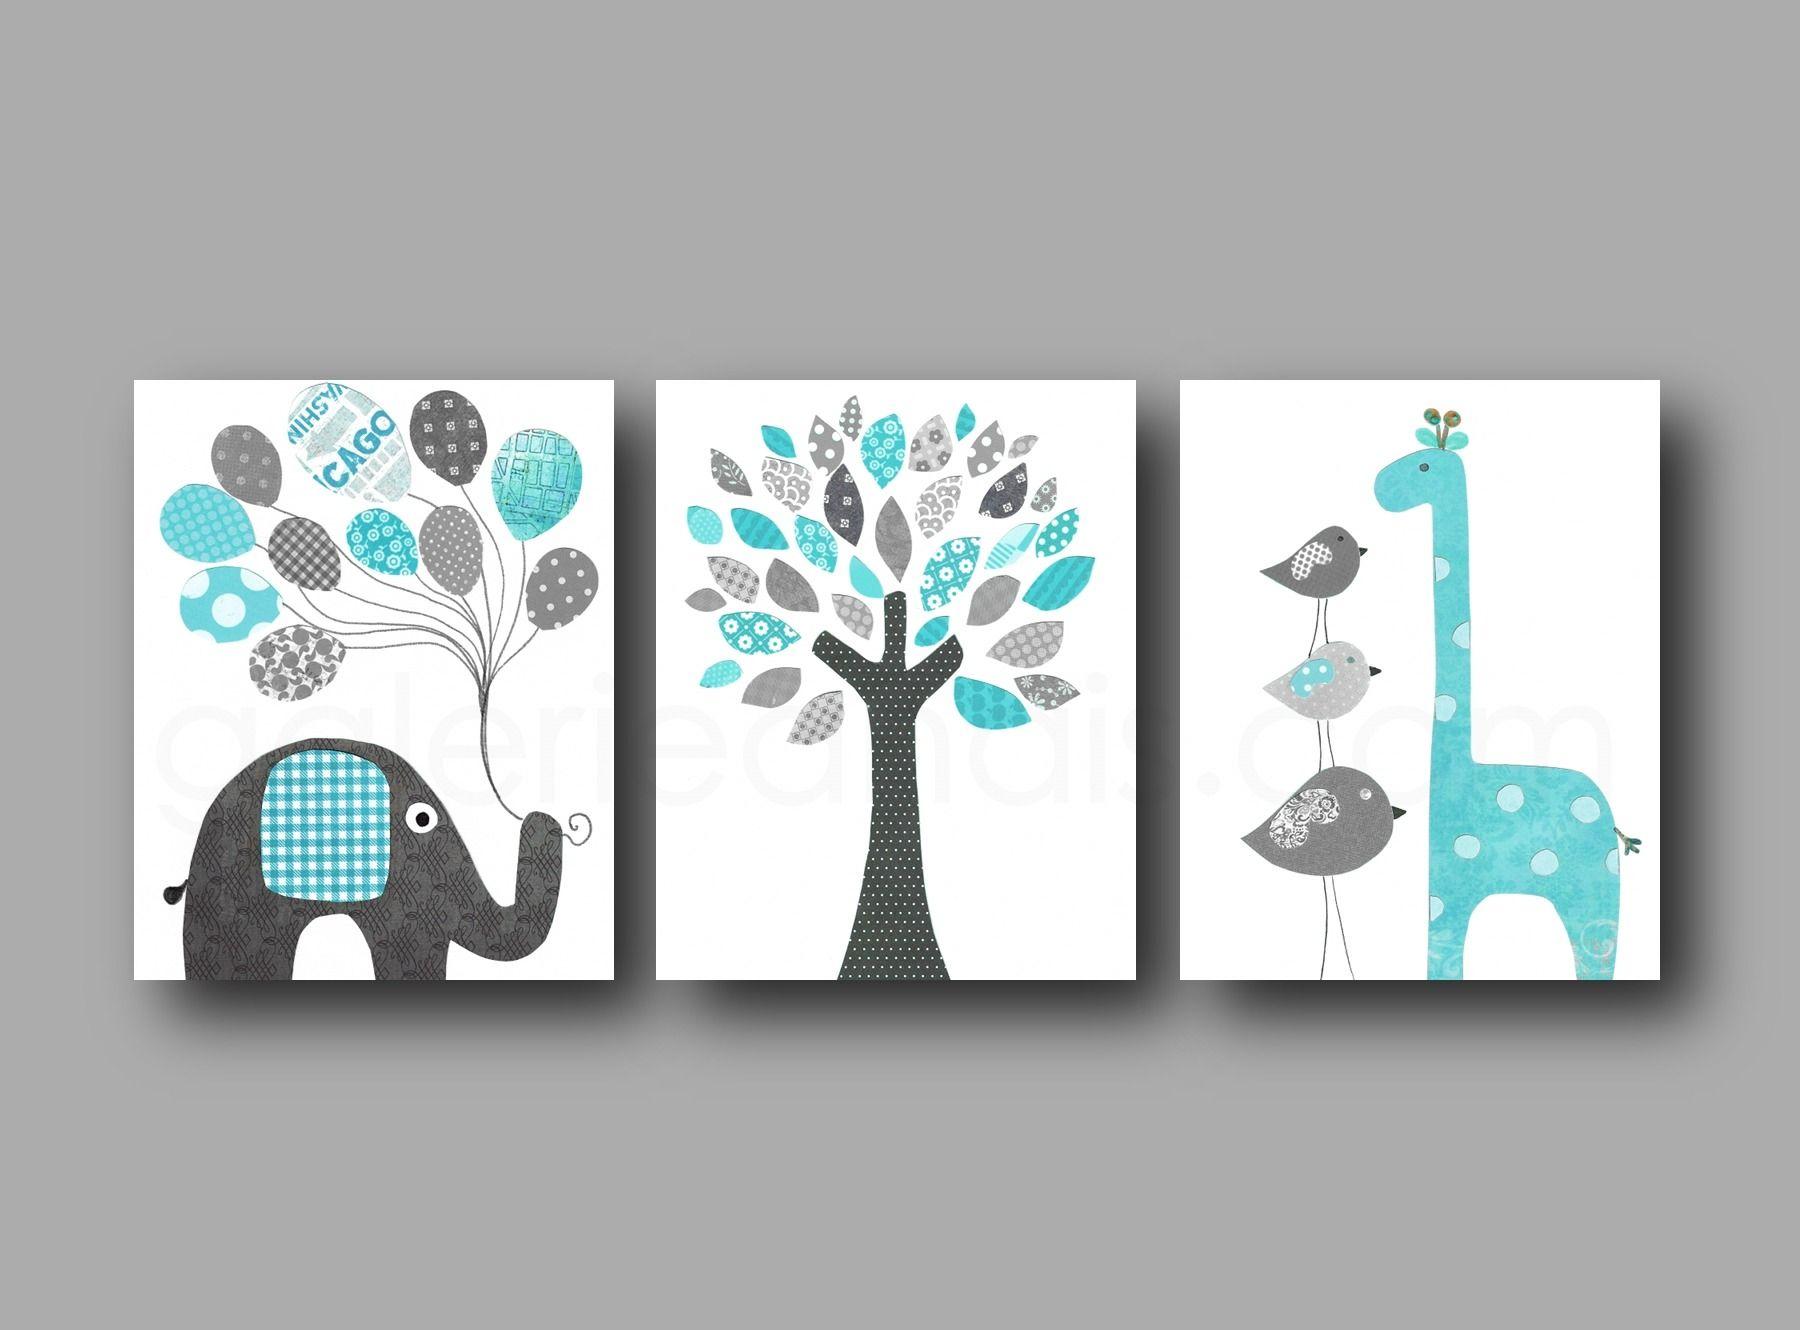 Lot de 3 illustrations pour chambre d 39 enfant et bebe bleu - Illustration chambre bebe ...